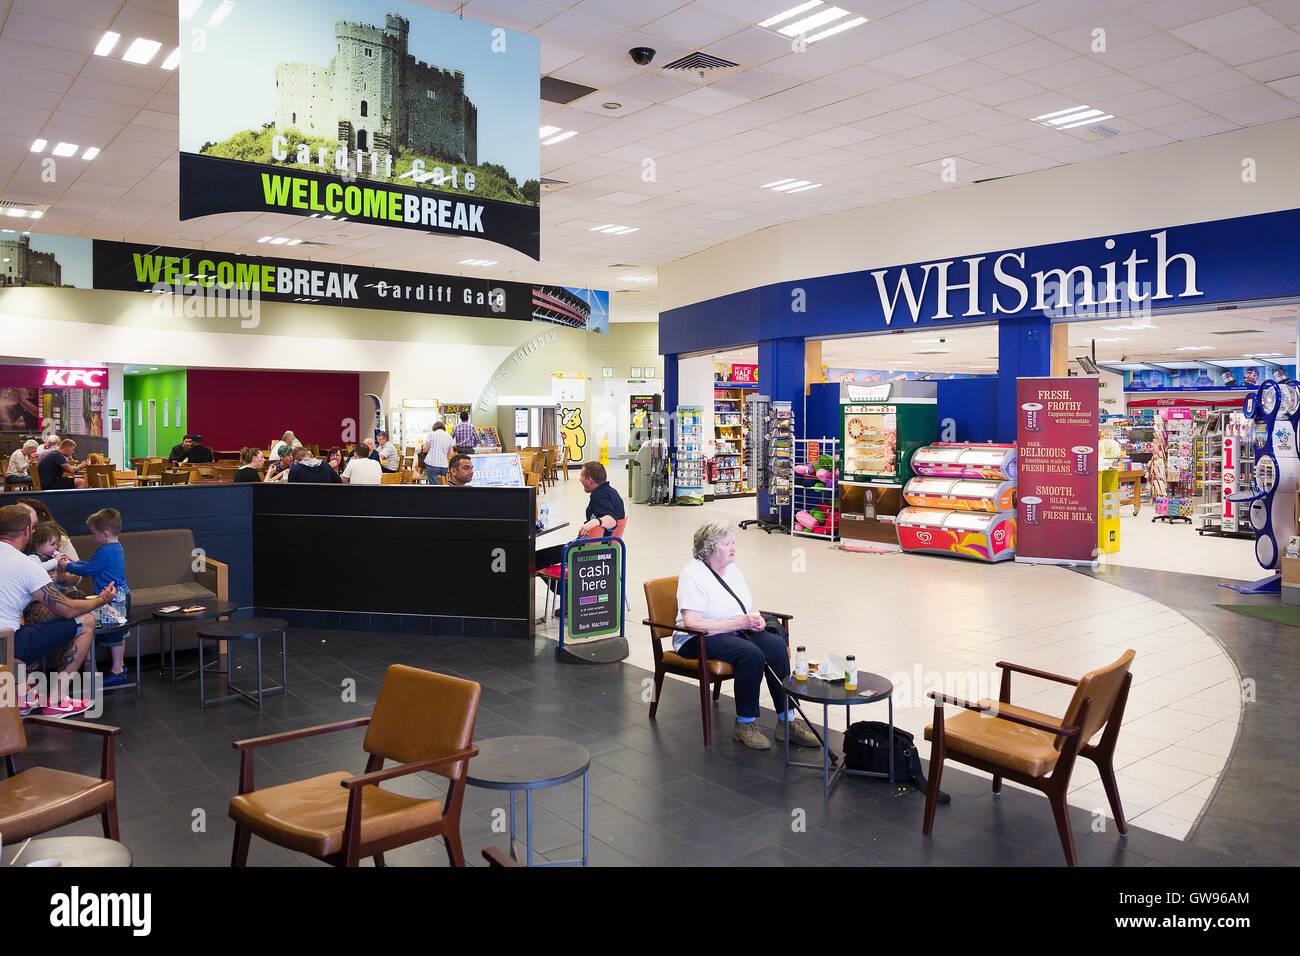 All'interno di Cardiff Gate saluti rompere la stazione di servizio per l'autostrada M4 in South Wales UK Foto Stock